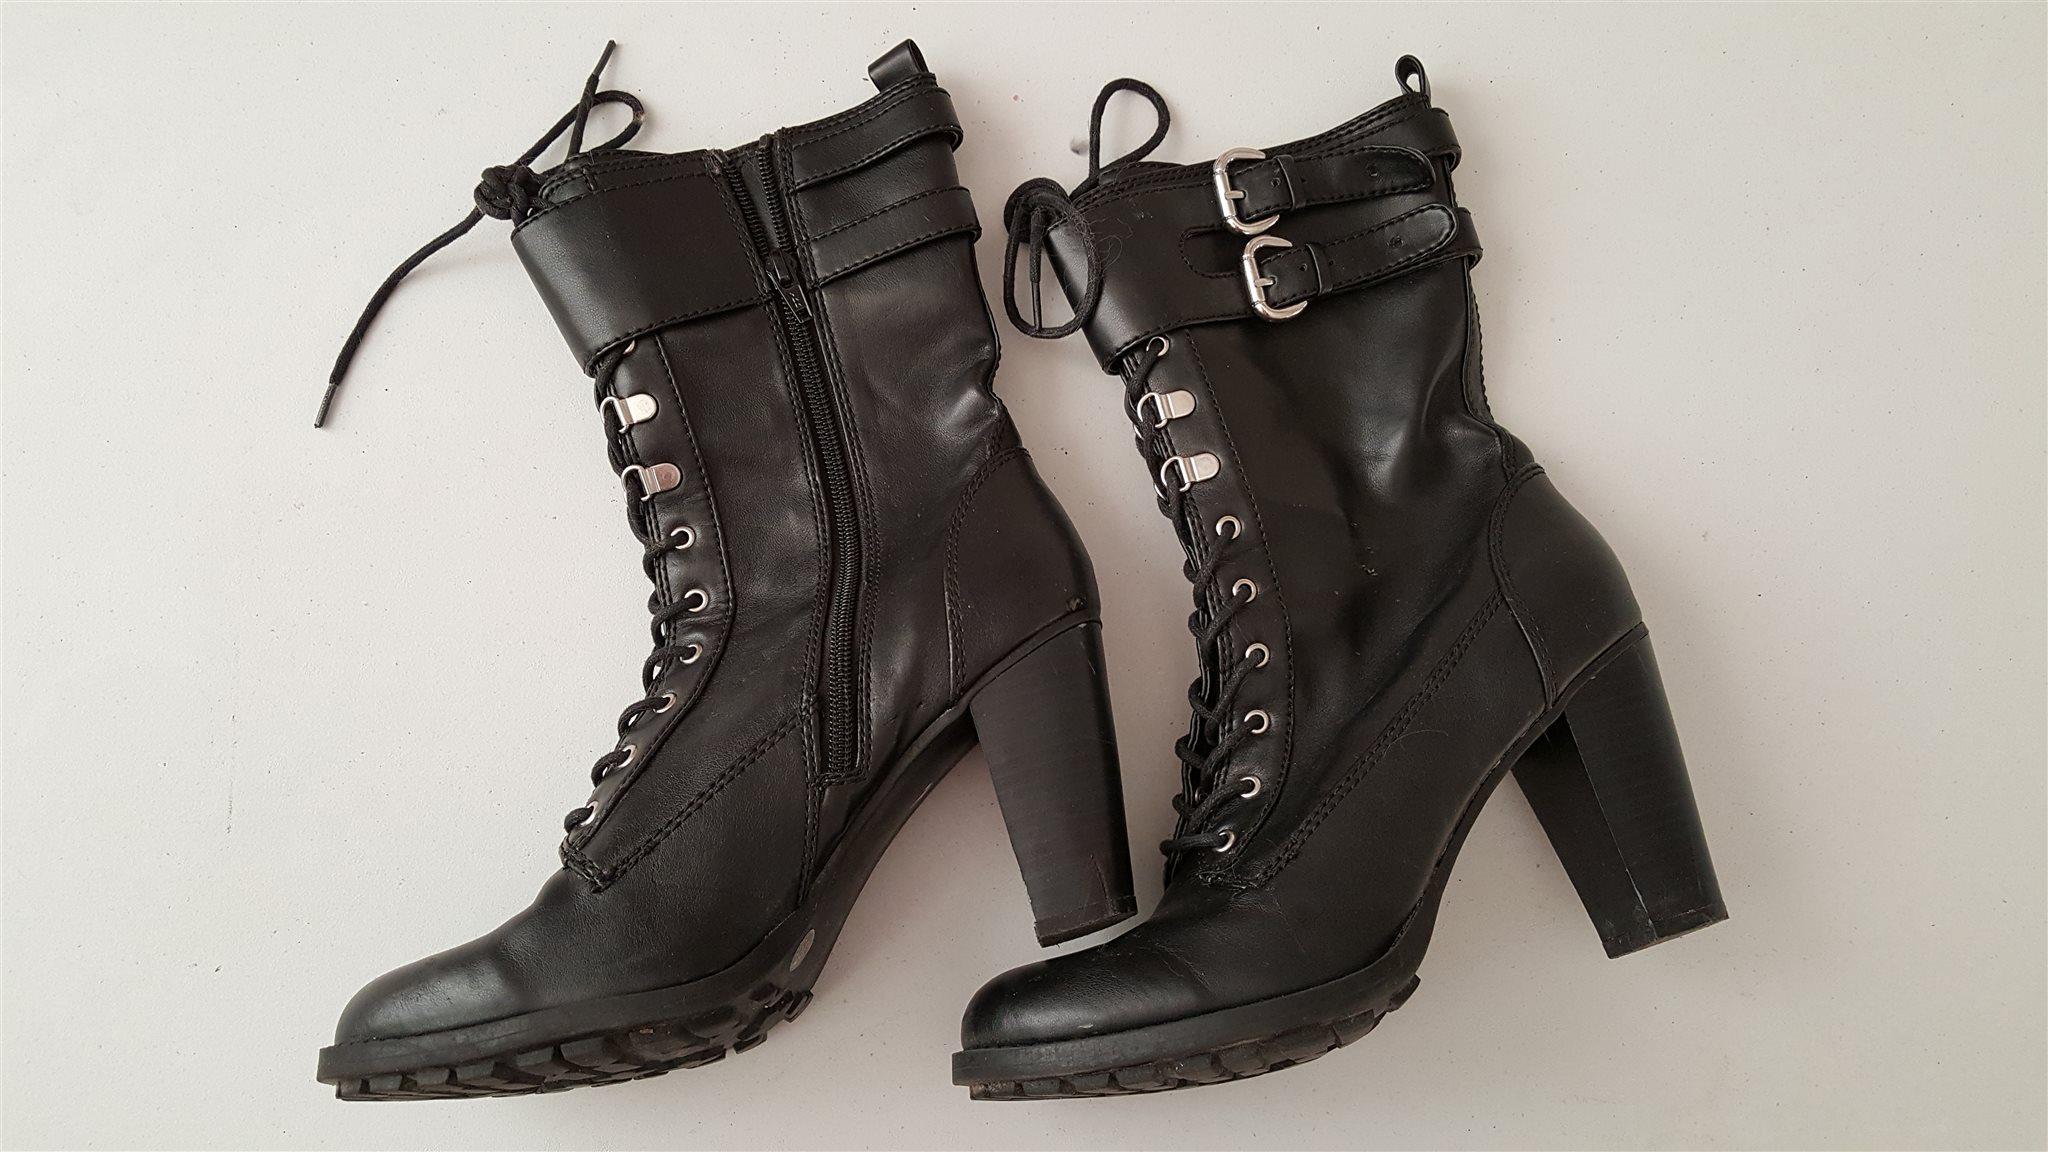 högklackade skor med snörning